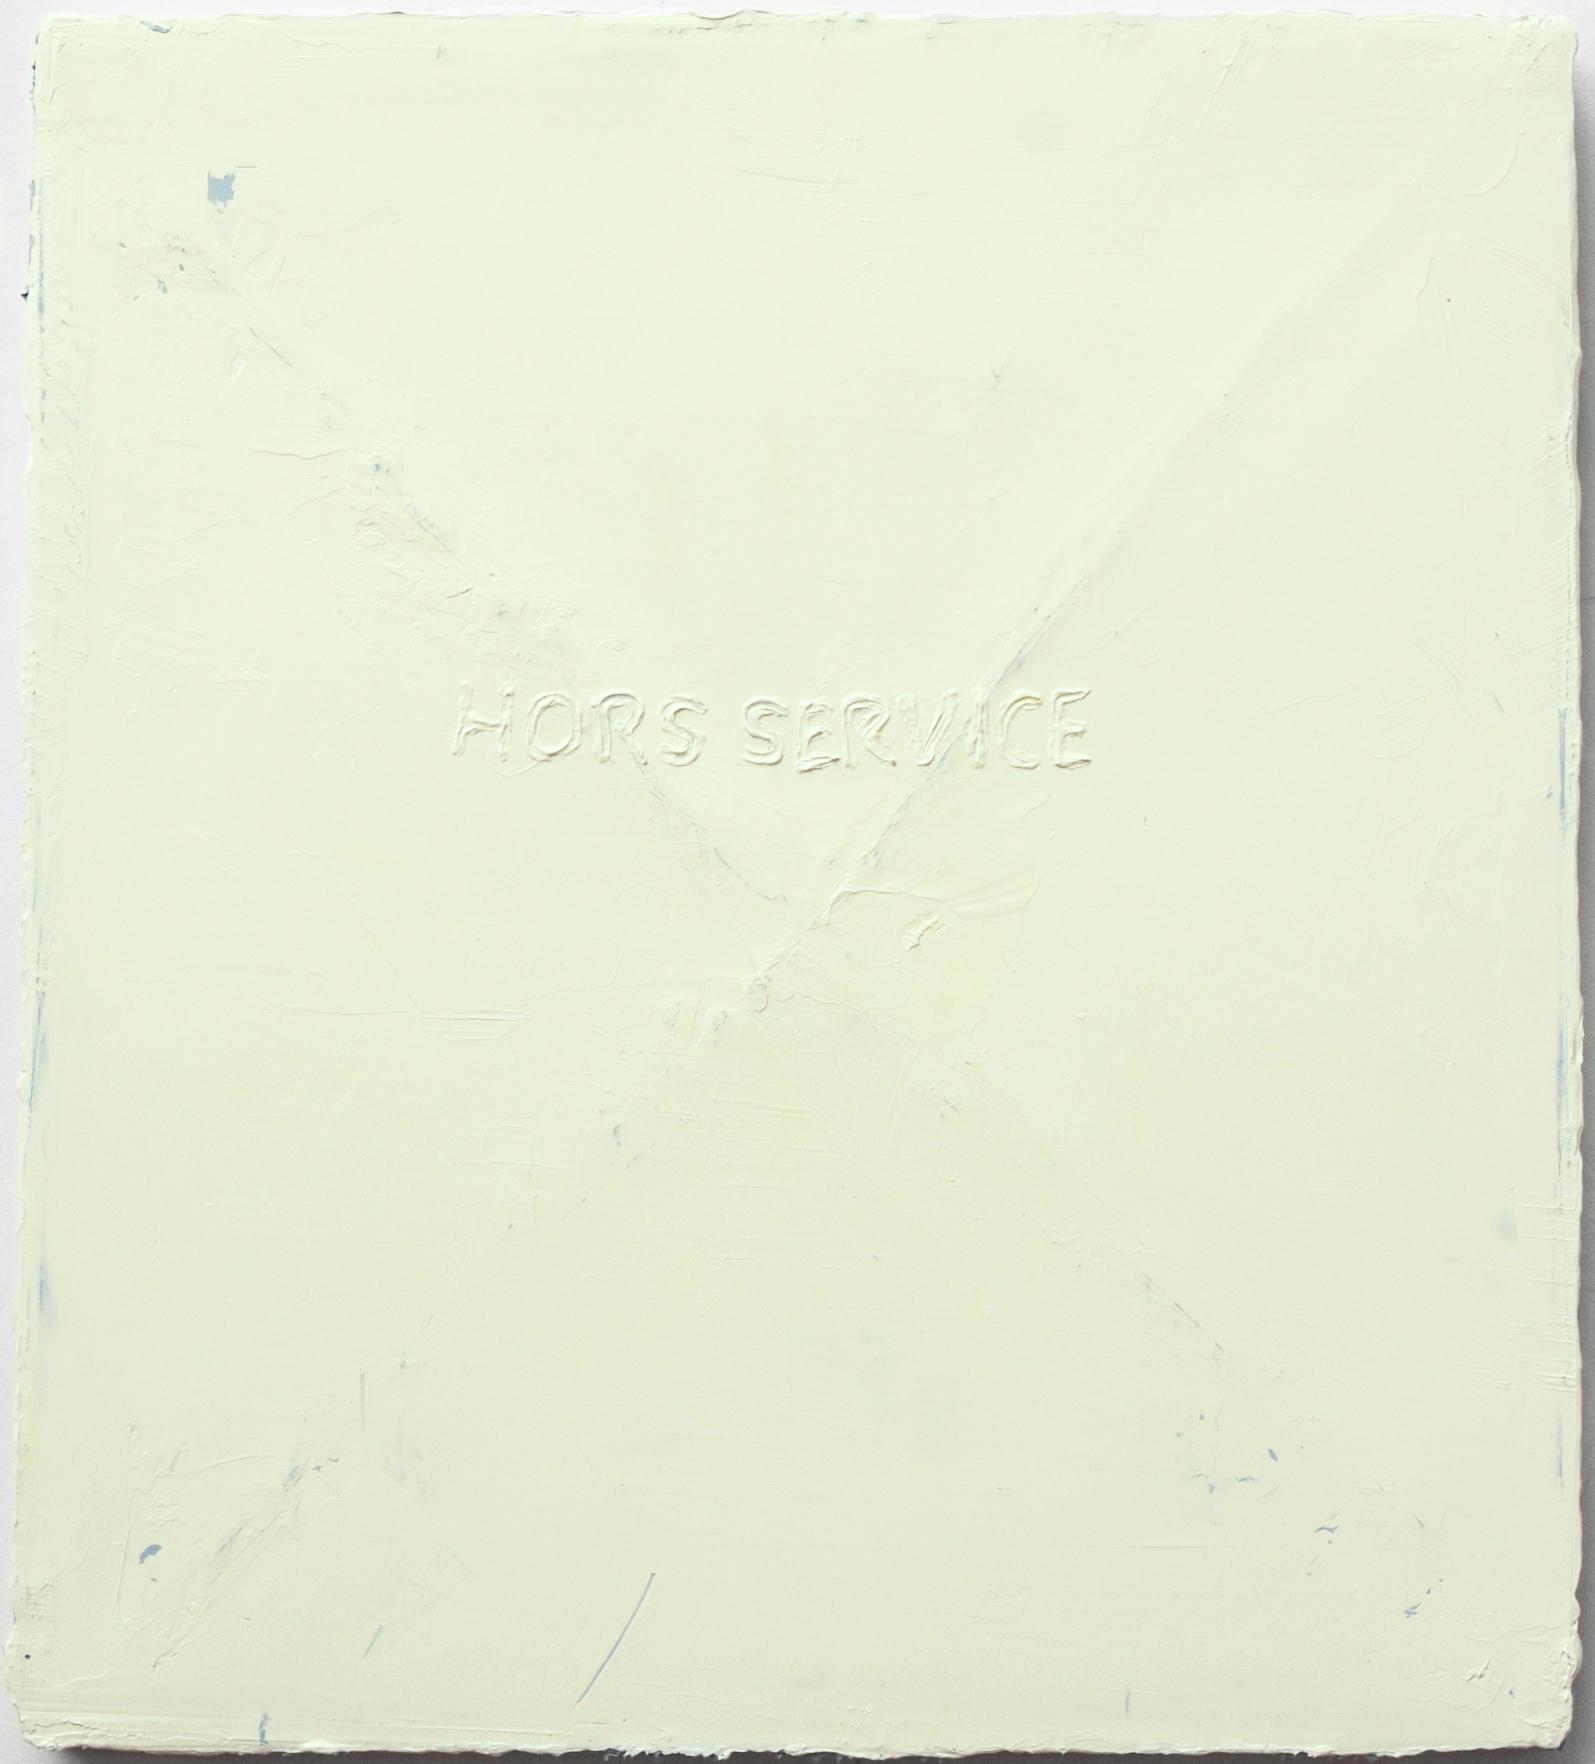 Felix Becker_Untitled (X : Hors Service)_2020_Oil on canvas_90 x 80 cm_web